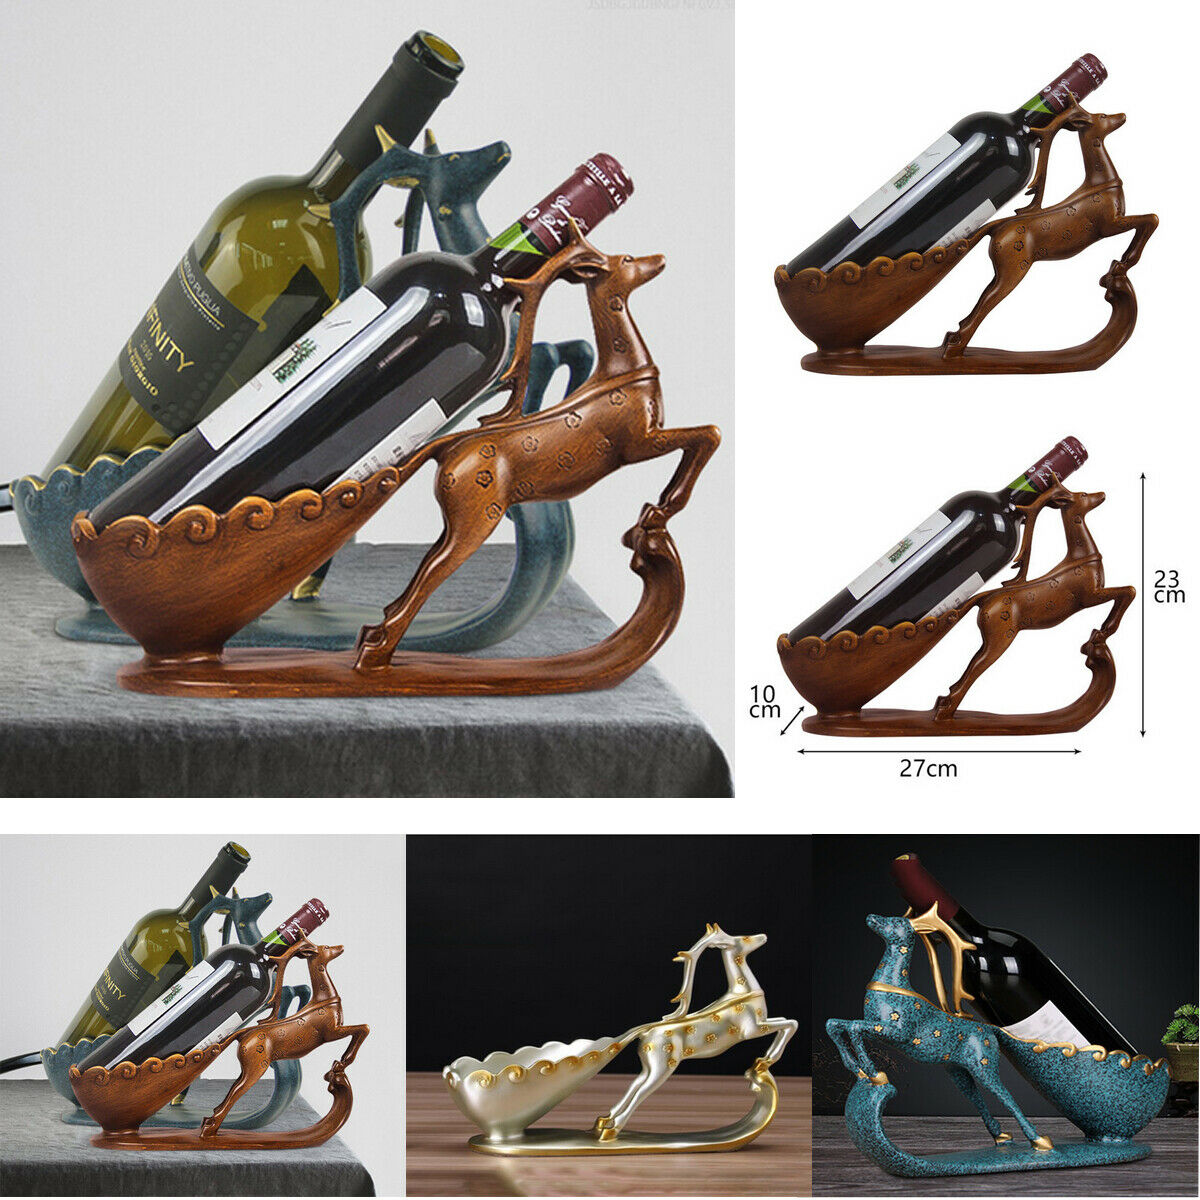 Veados rack de vinho mobiliário doméstico ornamentos garrafa criativa sala de estar ornamentos vinho-festa criativo de madeira vinho tinto suportes